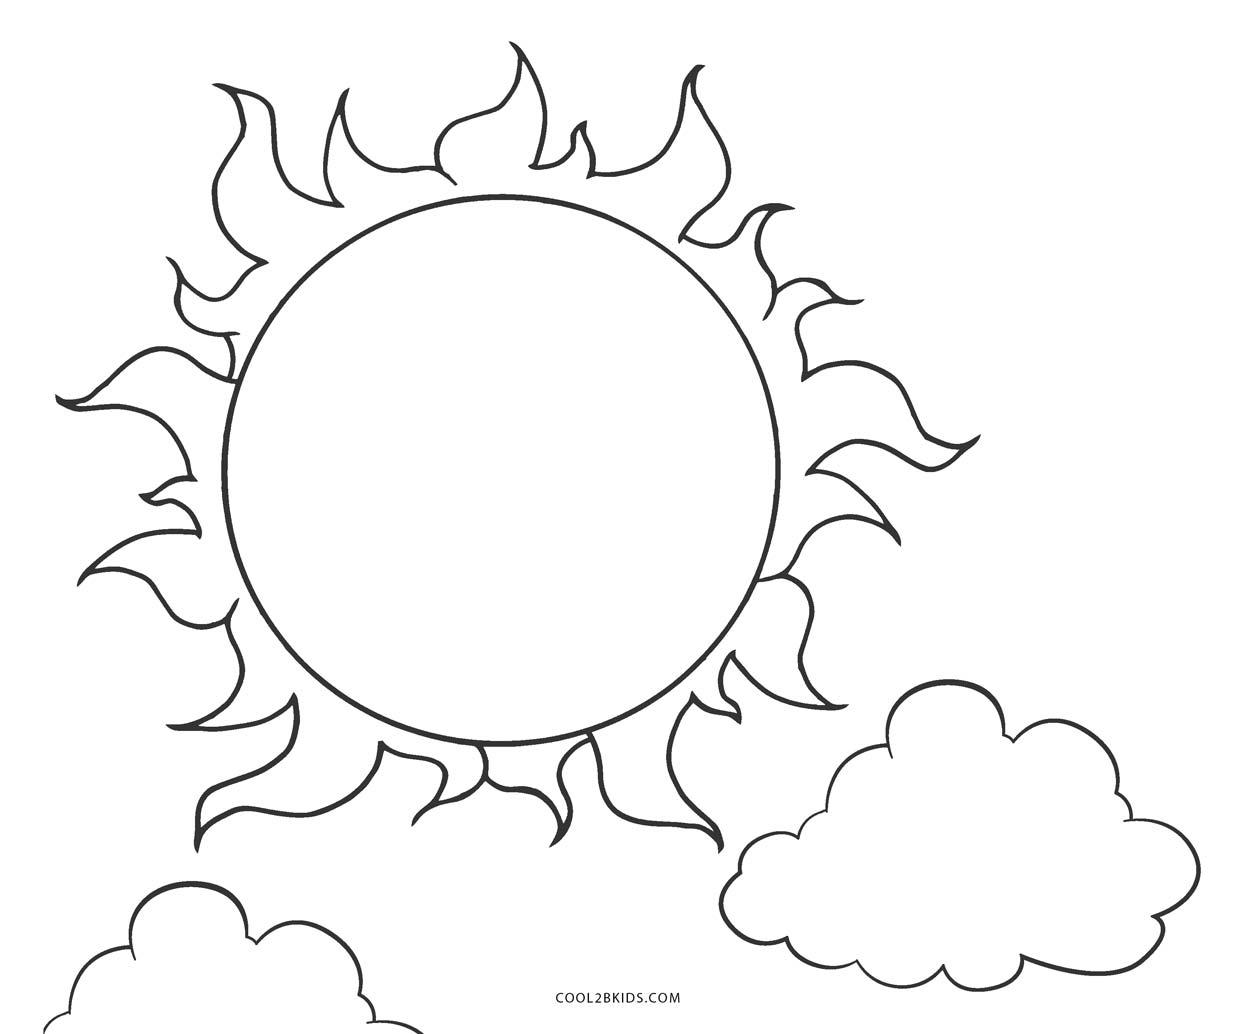 Ausmalbilder Sonne - Malvorlagen kostenlos zum ausdrucken